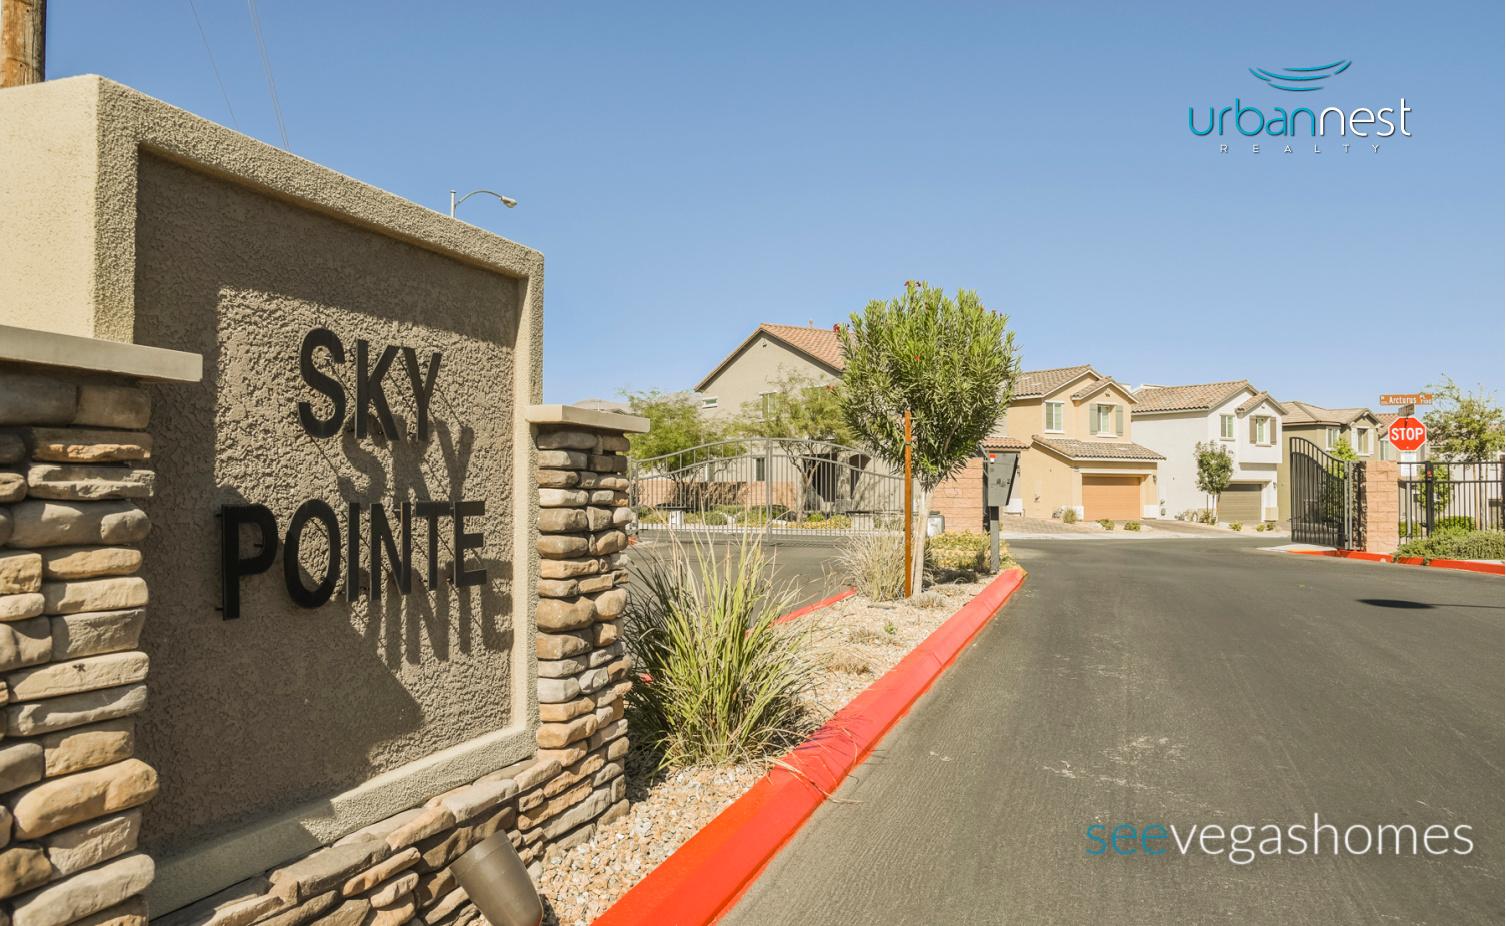 Sky_Pointe_Las_Vegas_NV_89131_Ryland_SeeVegasHomes